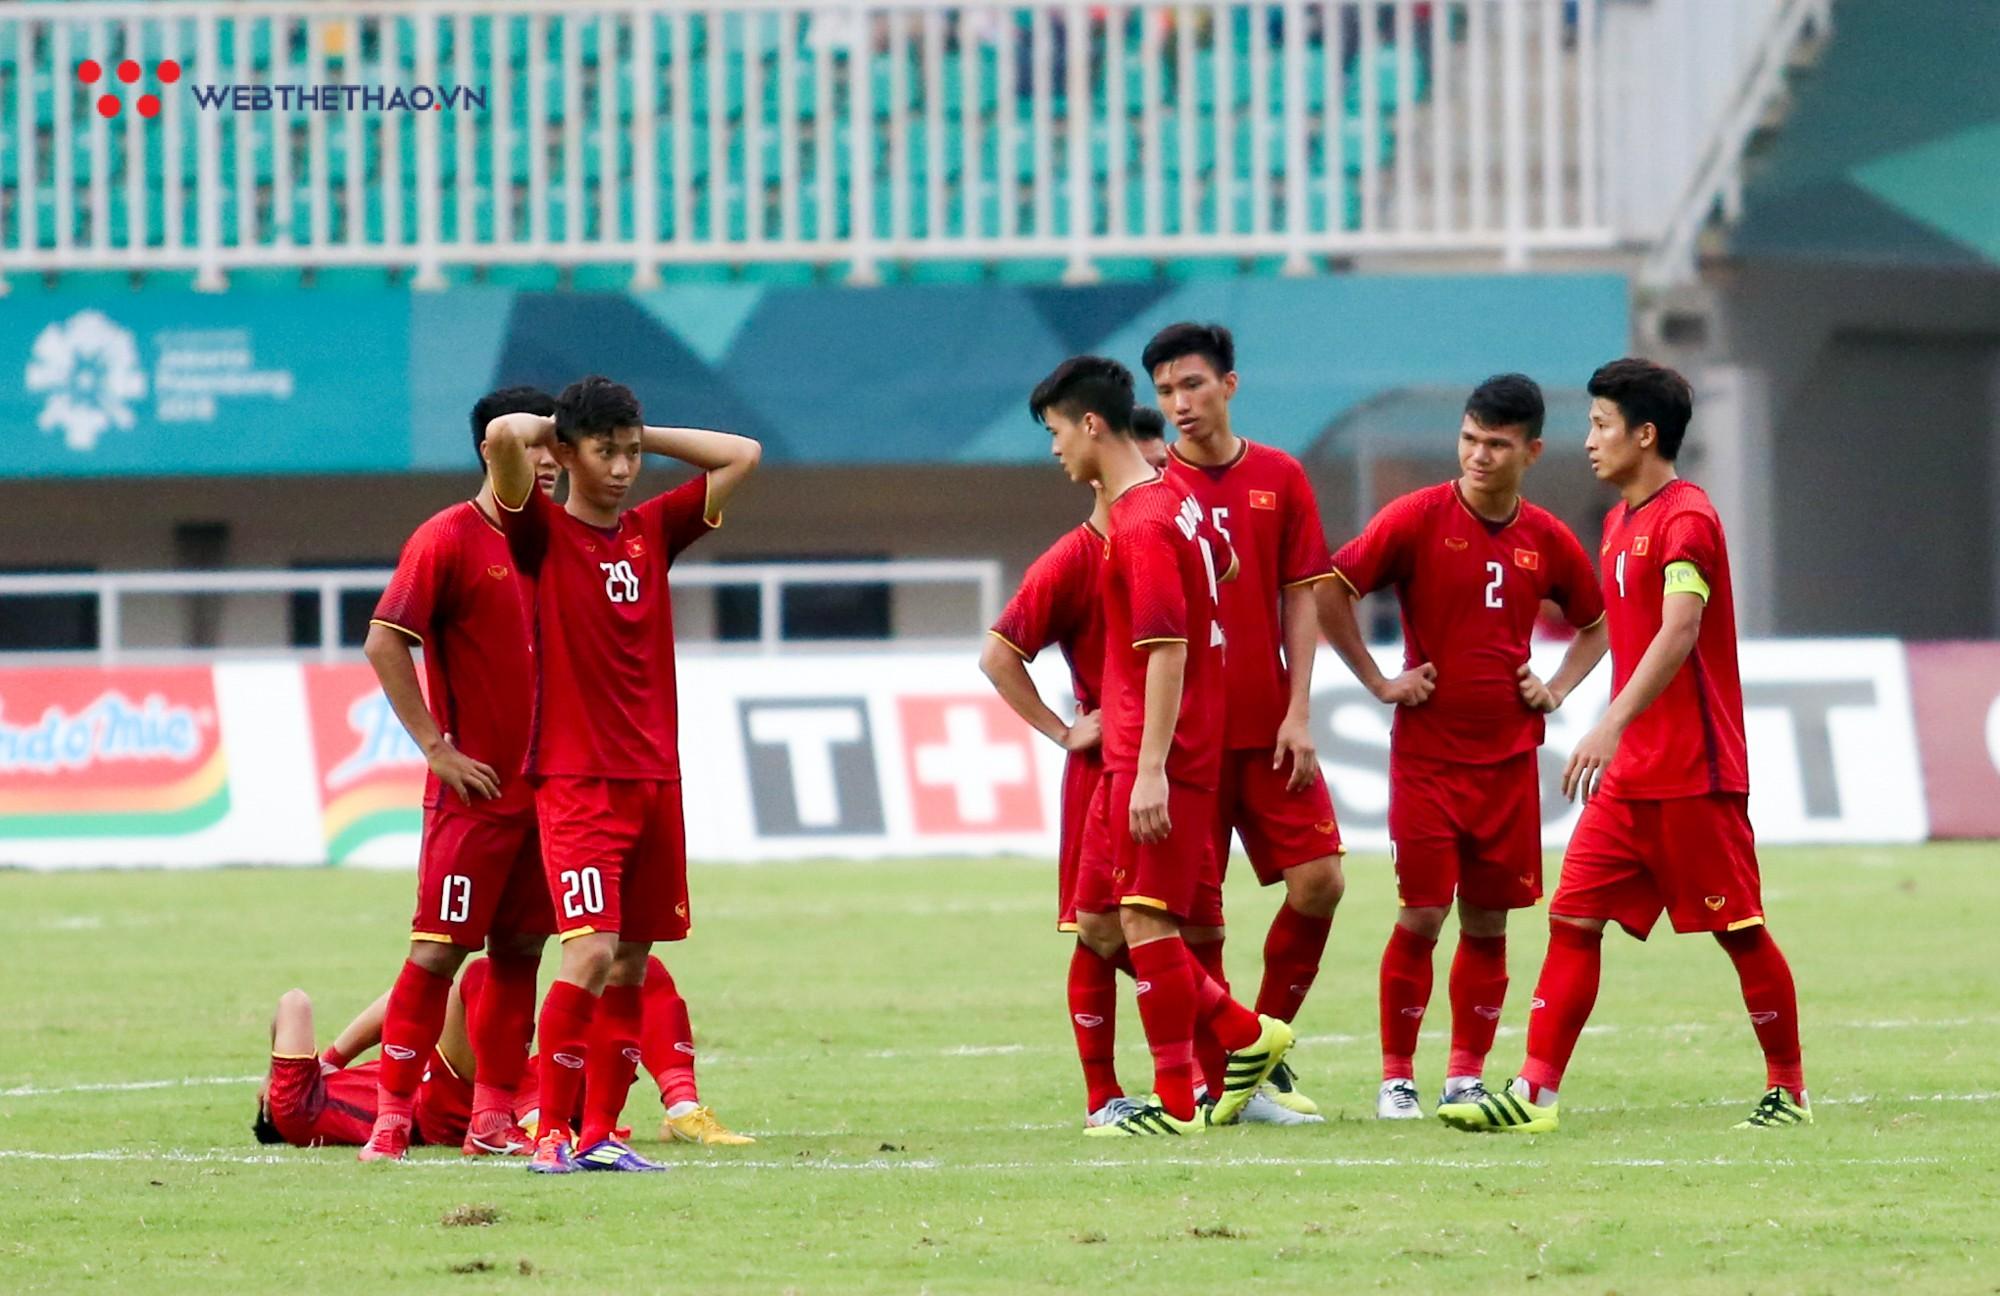 Văn Quyết tập tễnh, Văn Thanh phải nhờ đồng đội cõng sau chiều buồn tại Pakansari - Ảnh 8.